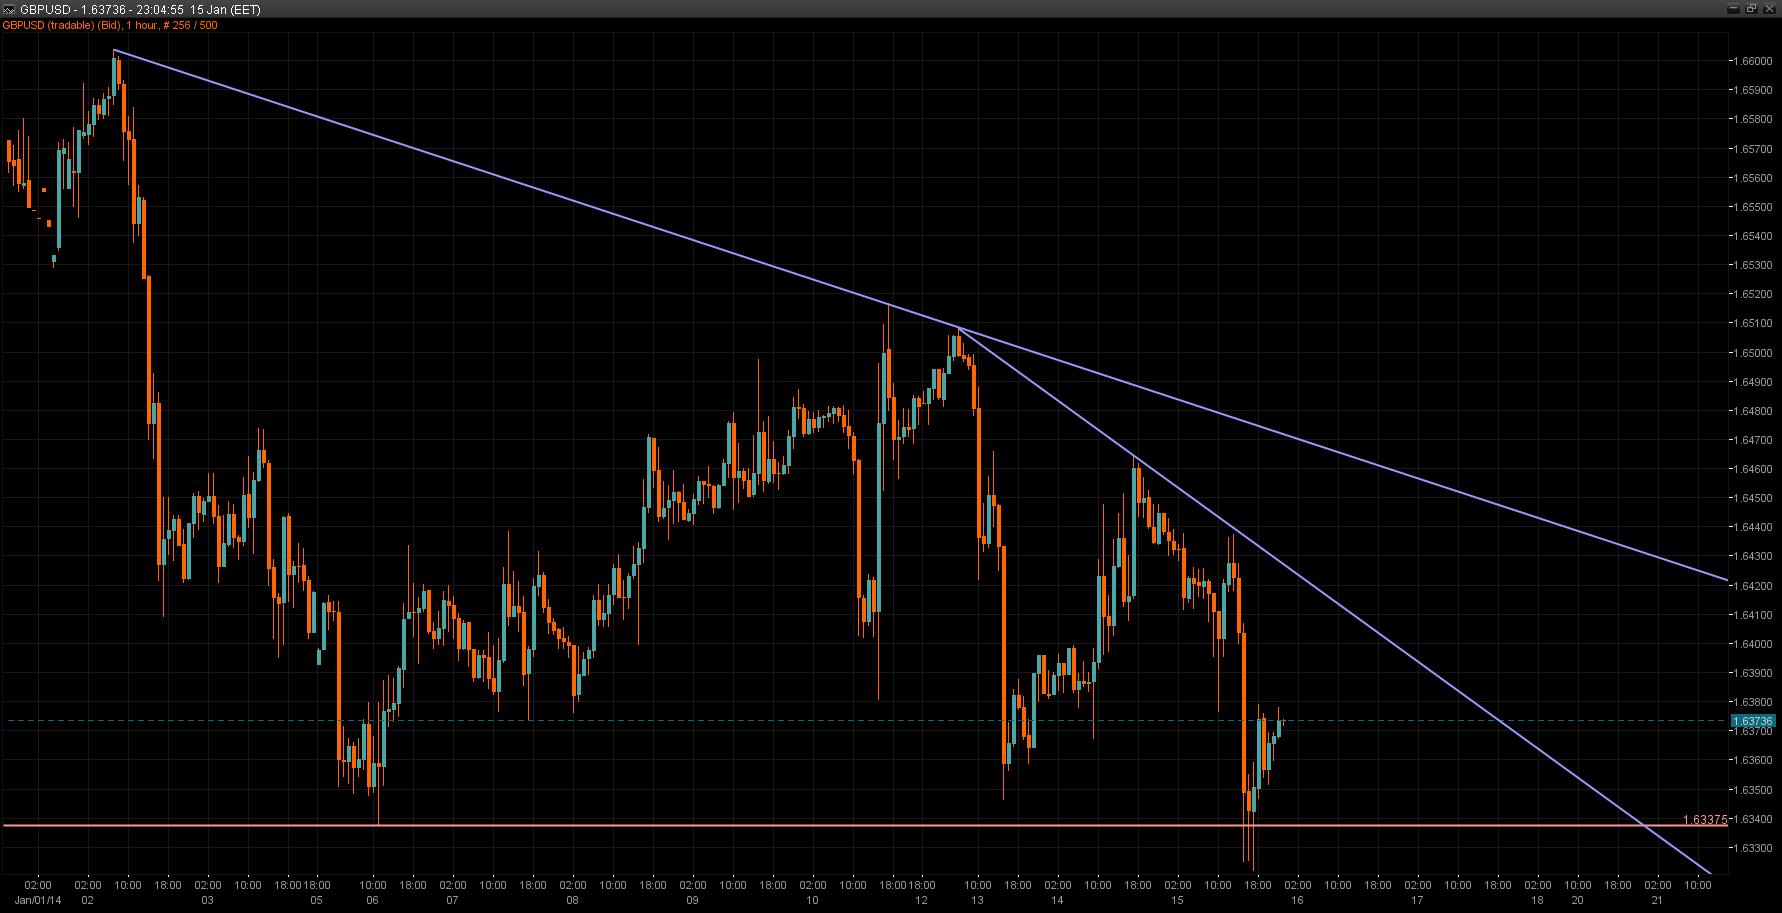 GBP/USD Chart 15 Jan 2013